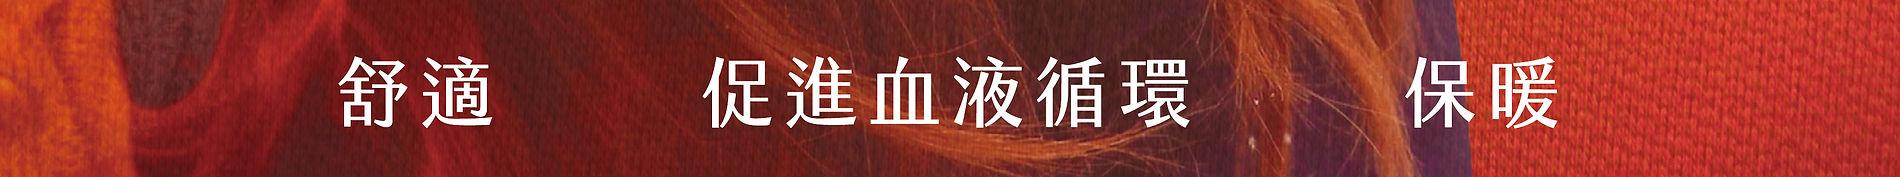 20180925_經采_X展架石墨烯-v3-改文案.jpg